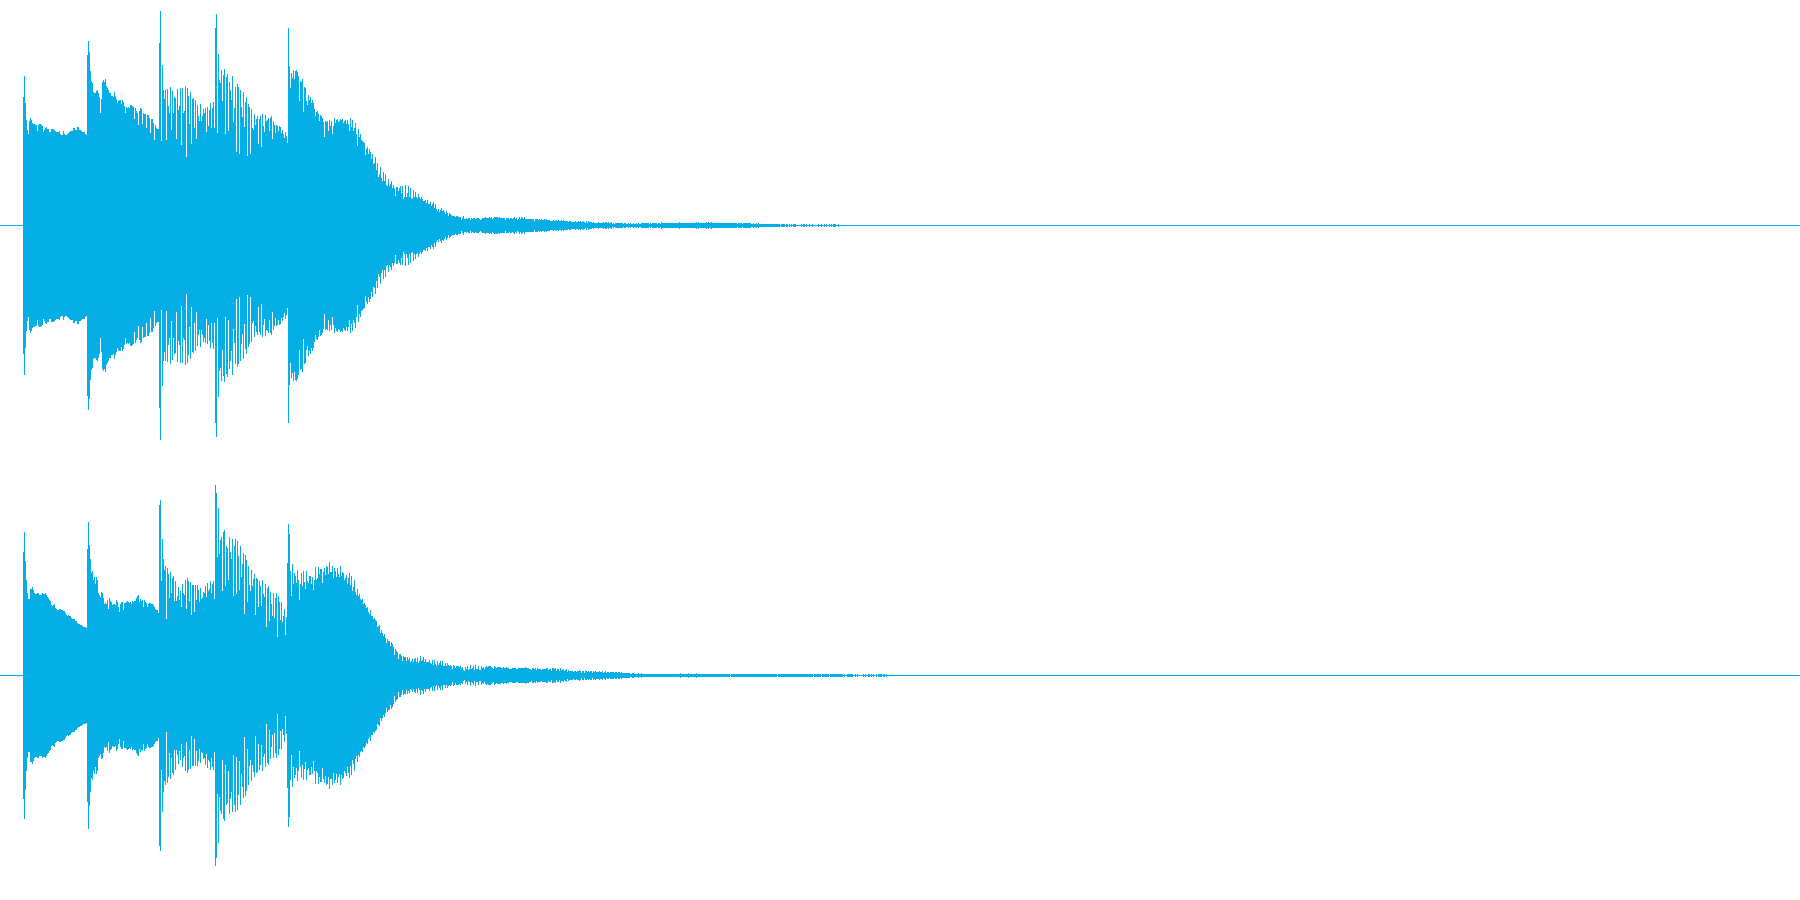 アラーム音08 マレット(maj)の再生済みの波形